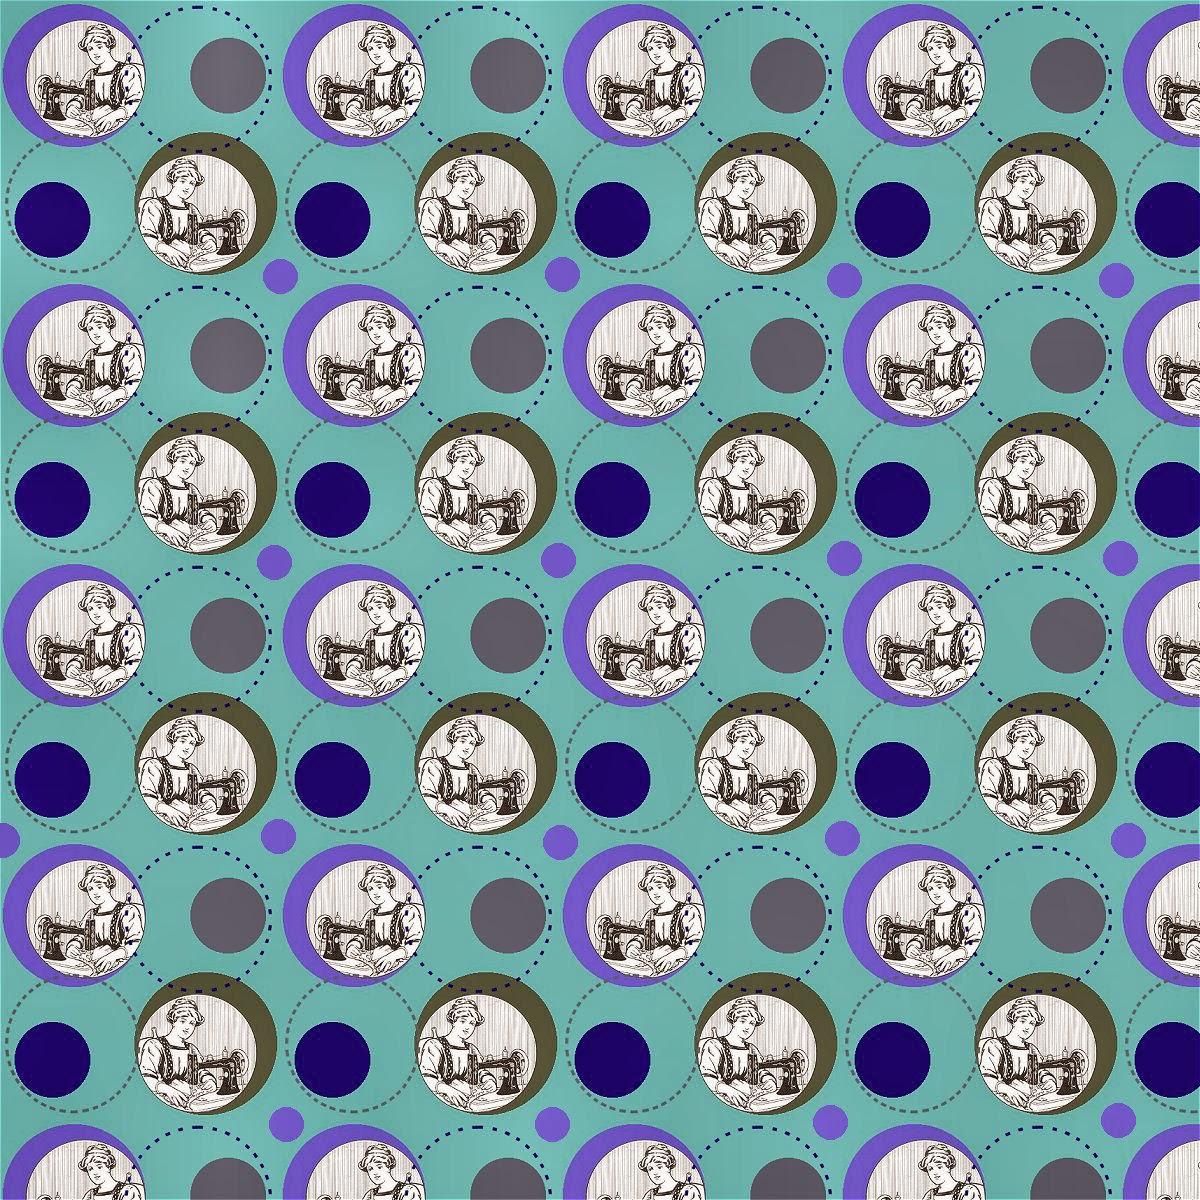 http://4.bp.blogspot.com/-jr7etxMO7Bg/VUUa4yHzs7I/AAAAAAAA9iU/5VbU7JKwO6E/s1600/InMomsDayPapers2_TlcCreations.jpg